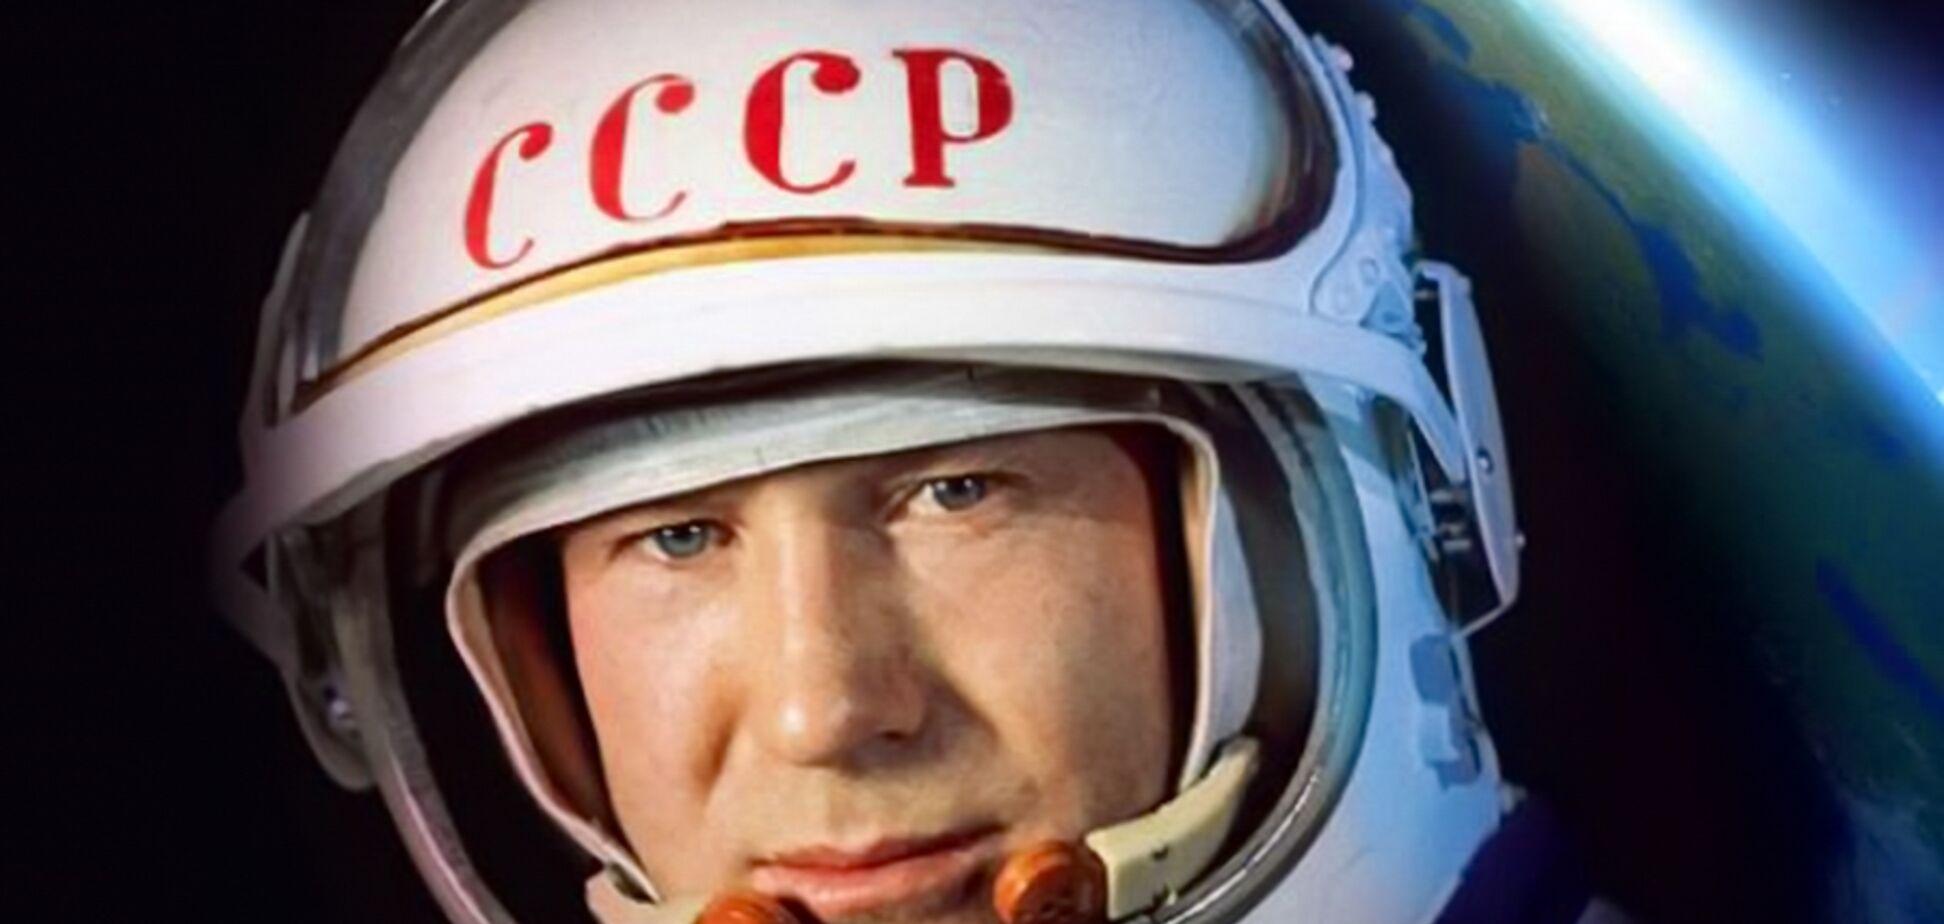 Что почувствовал Леонов, впервые покорив космос: воспоминания